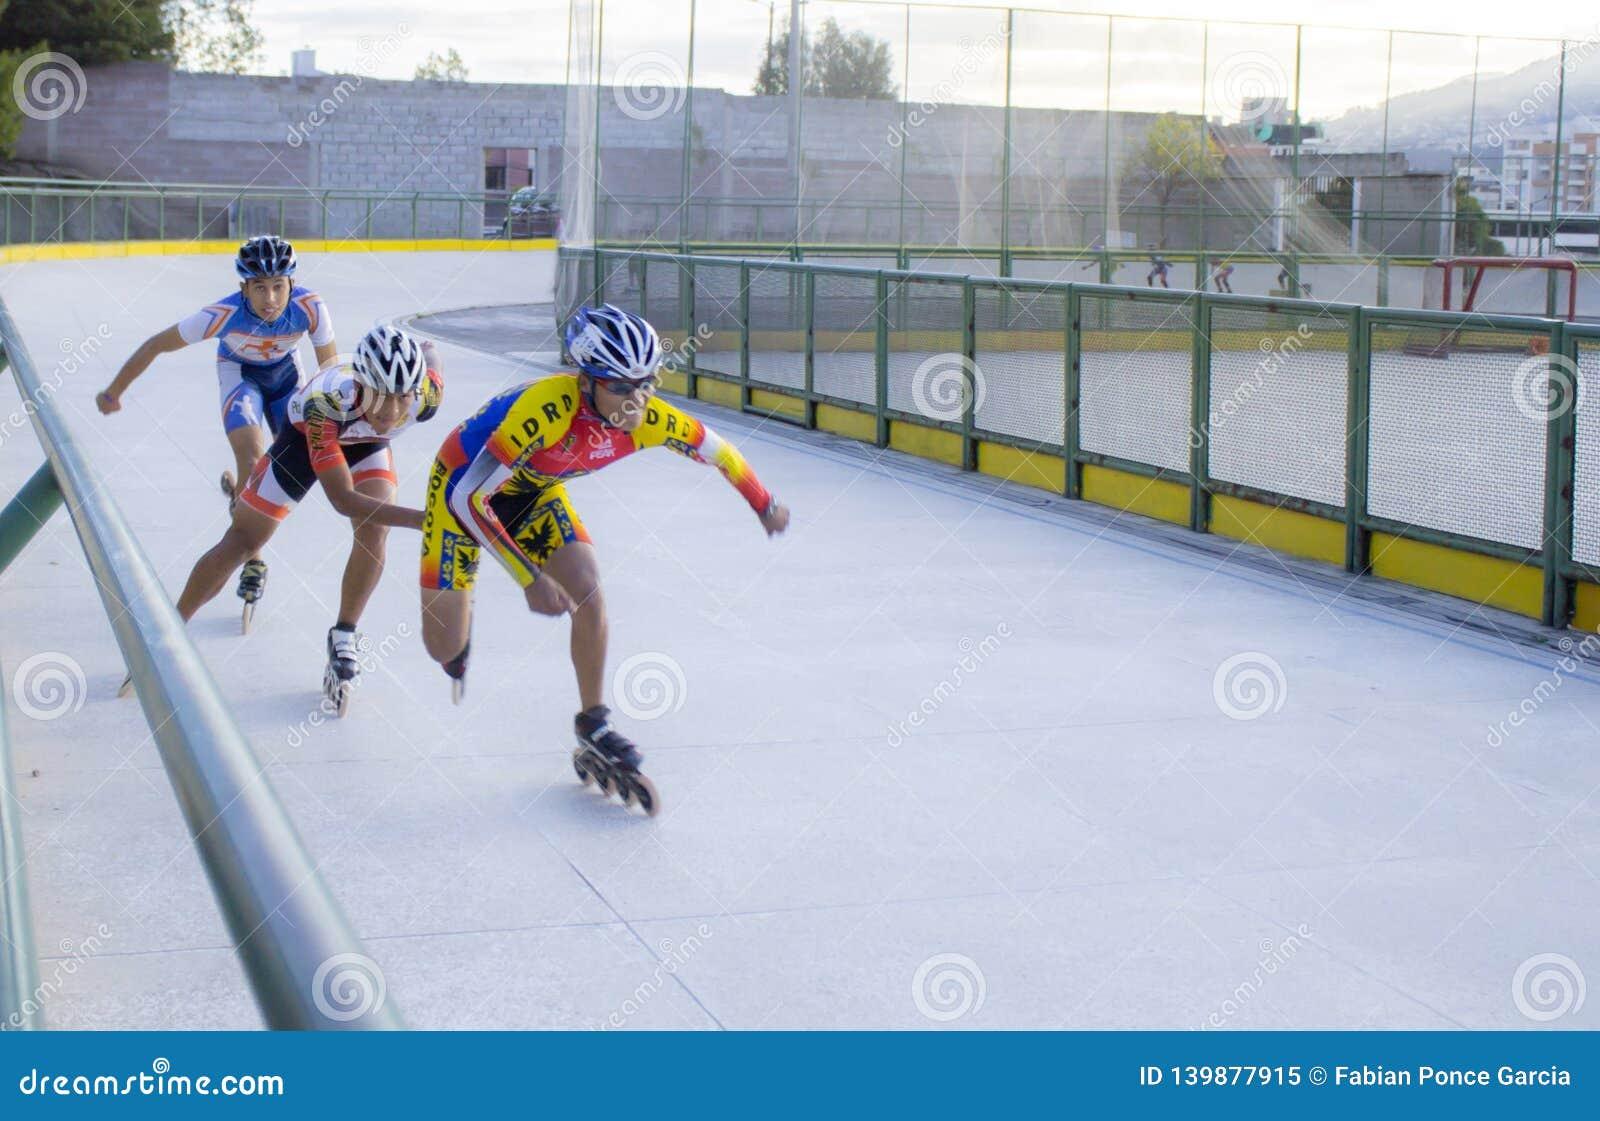 Snelheidsschaatsers op wielen